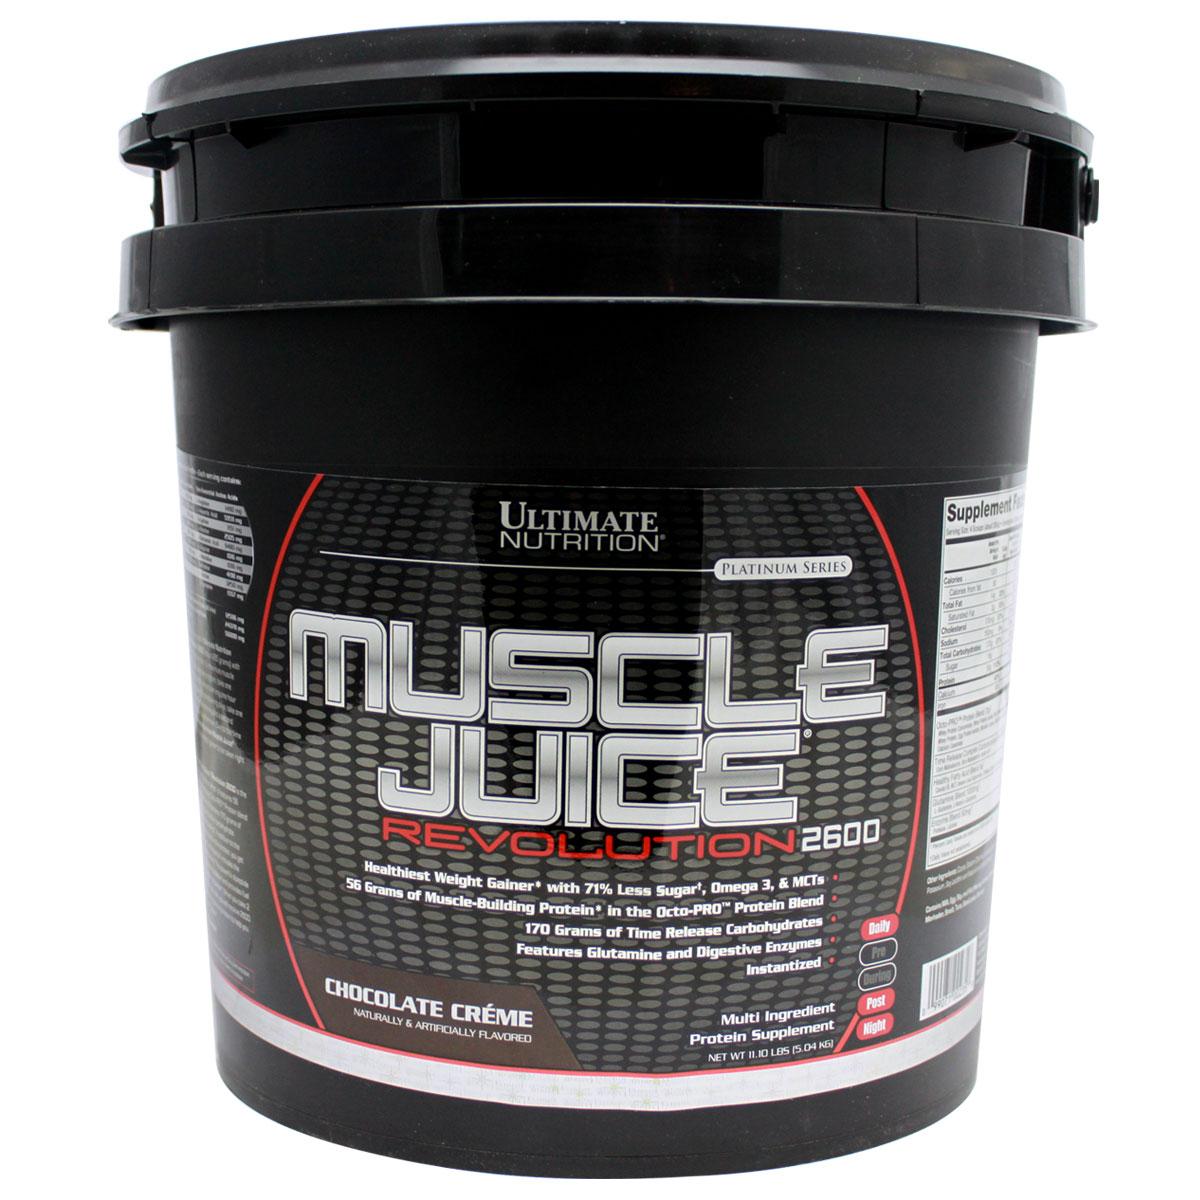 Ultimate Nutrition美国UN优恩增肌粉重11磅瘦人健身复合蛋白质粉